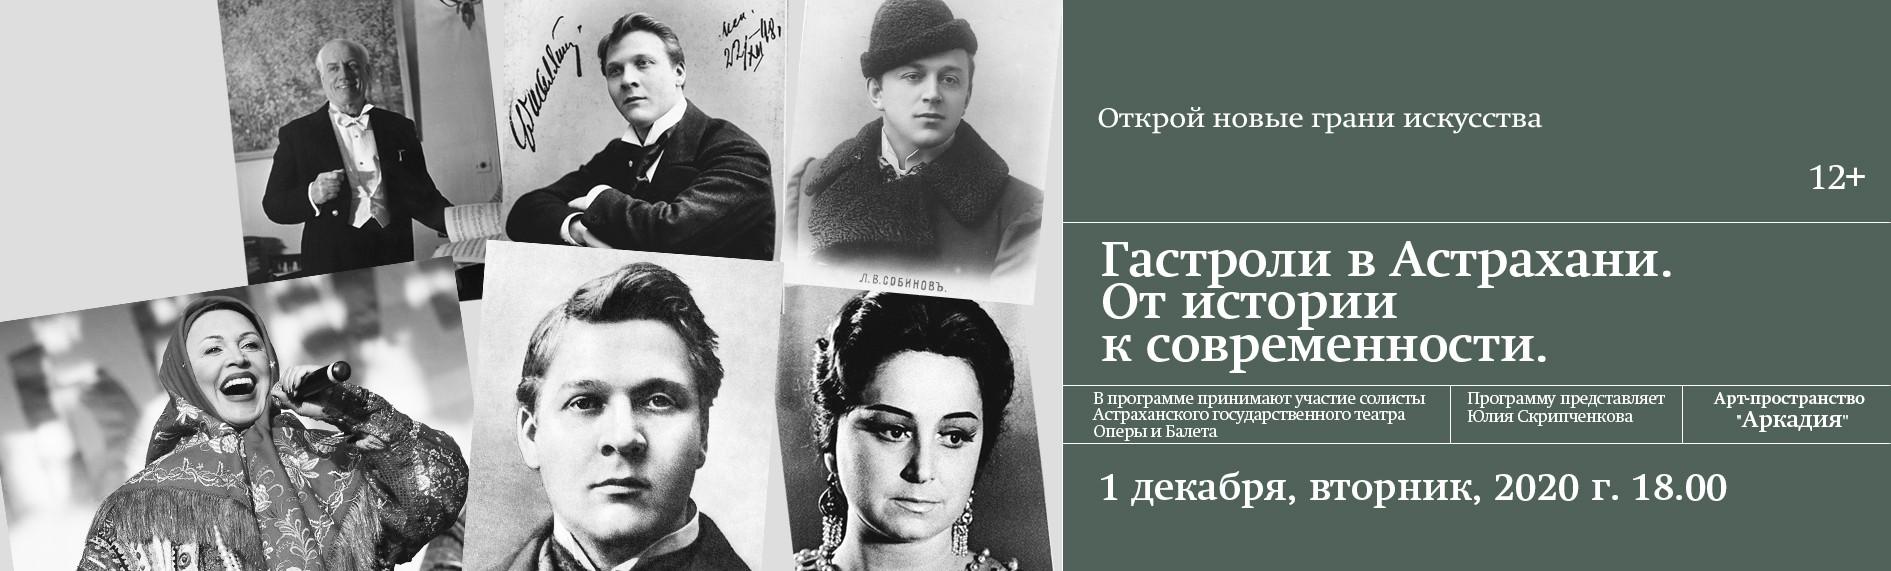 """Концерт """"Гастроли в Астрахани. От истории к современности."""""""